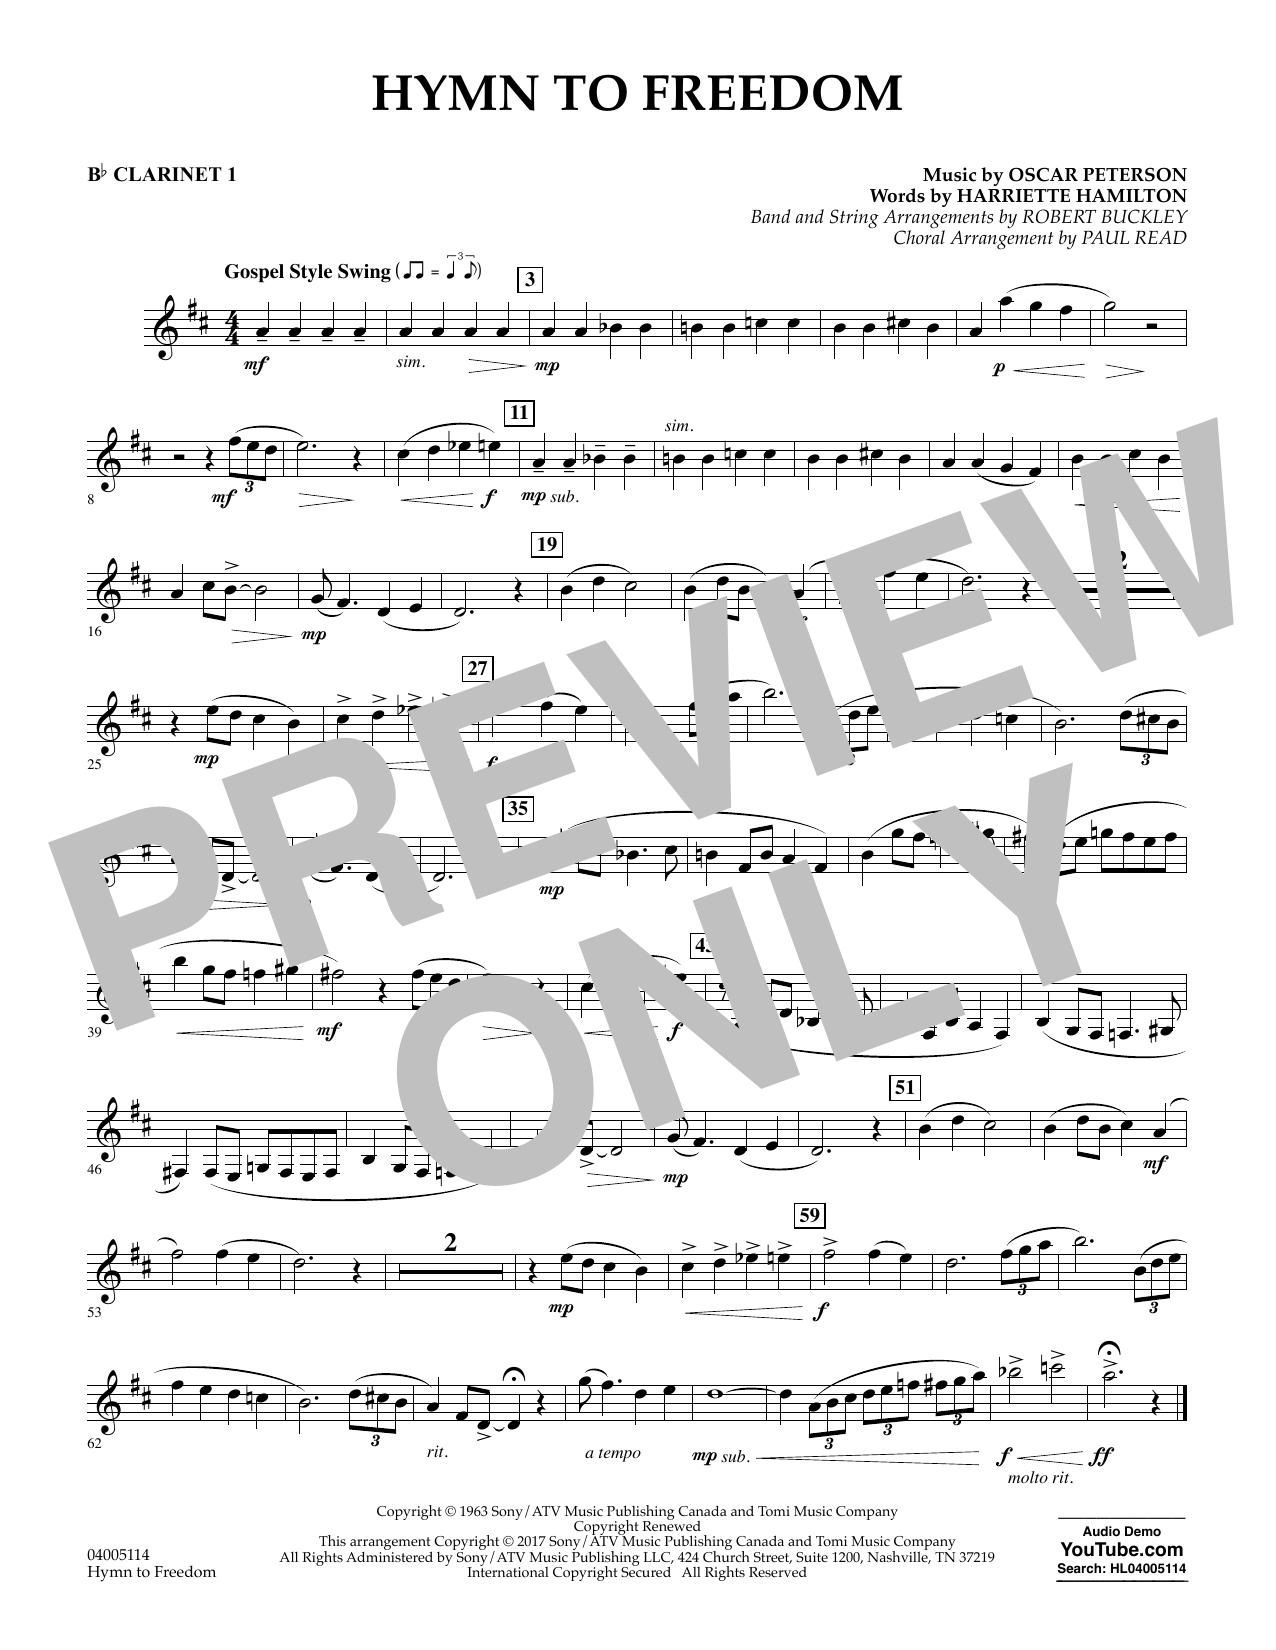 Hymn to Freedom - Bb Clarinet 1 (Flex-Band)